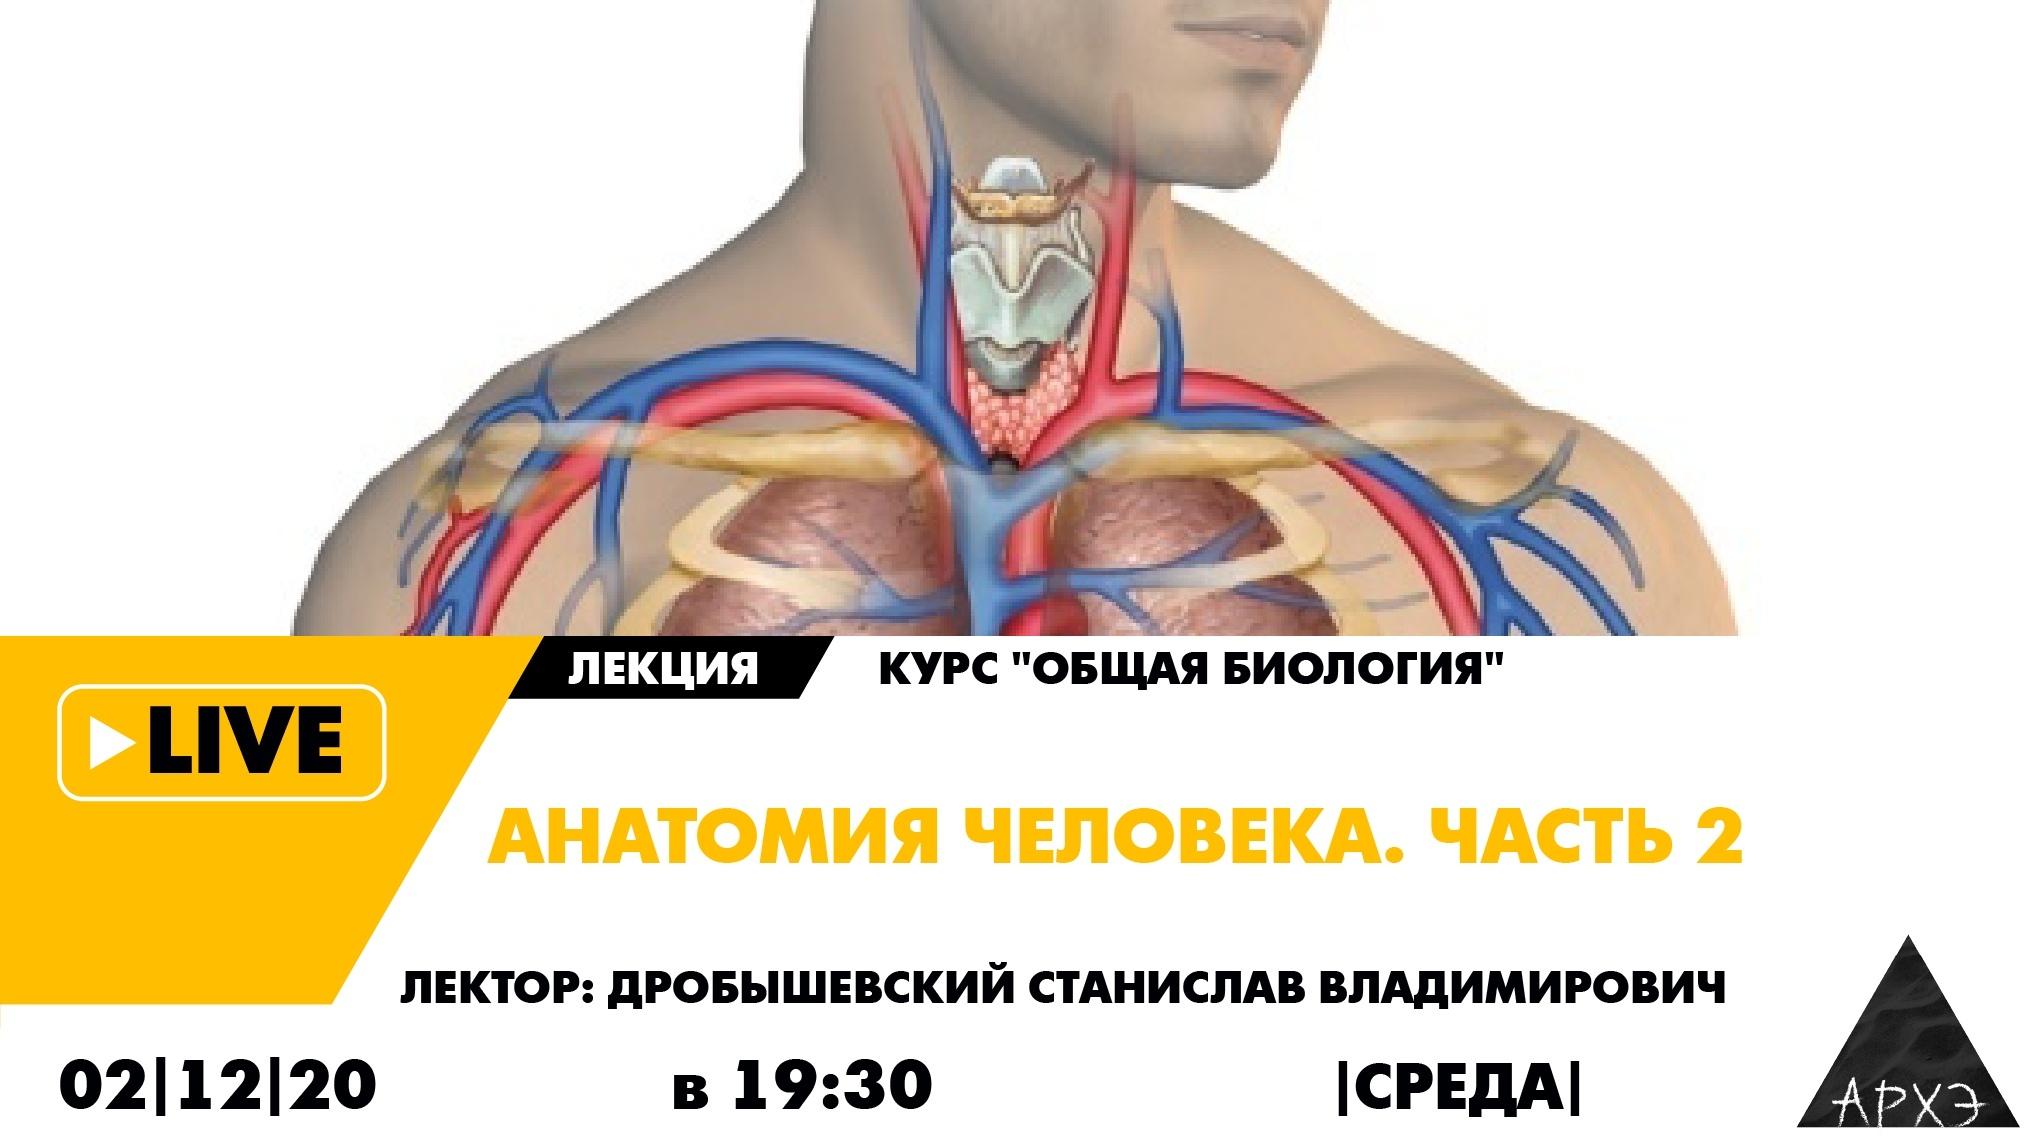 Анатомия человека— всреду